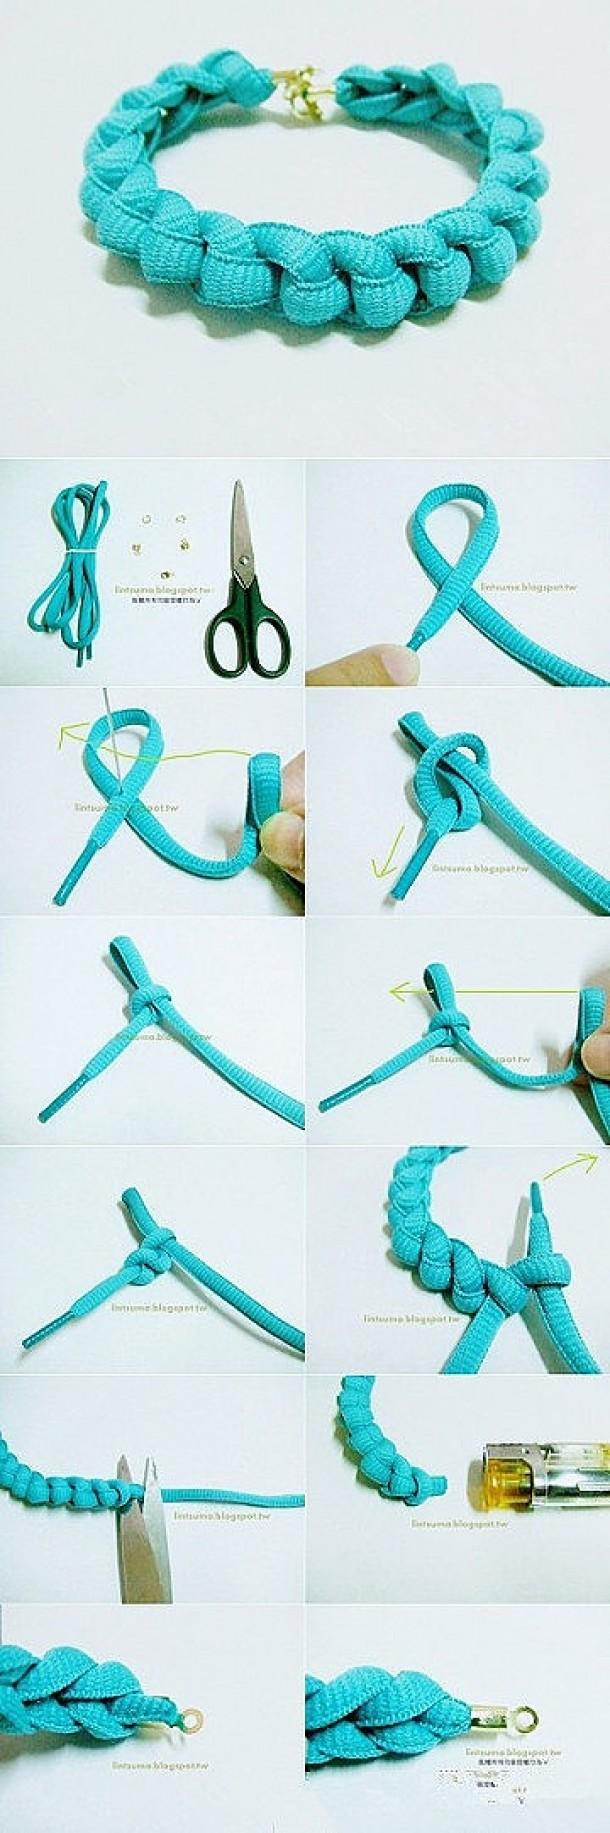 knutselen | Armband van veters! leuk ook met bedeltjes eraan Door jentill